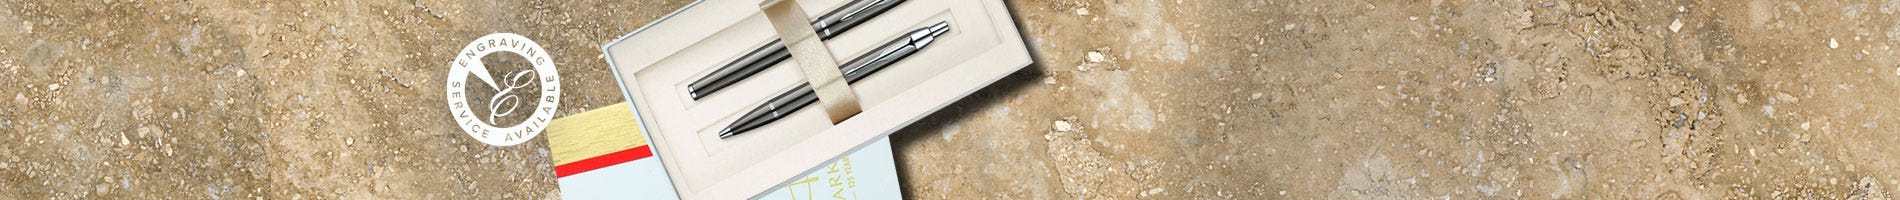 Parker IM gunmetal pen set in gift box